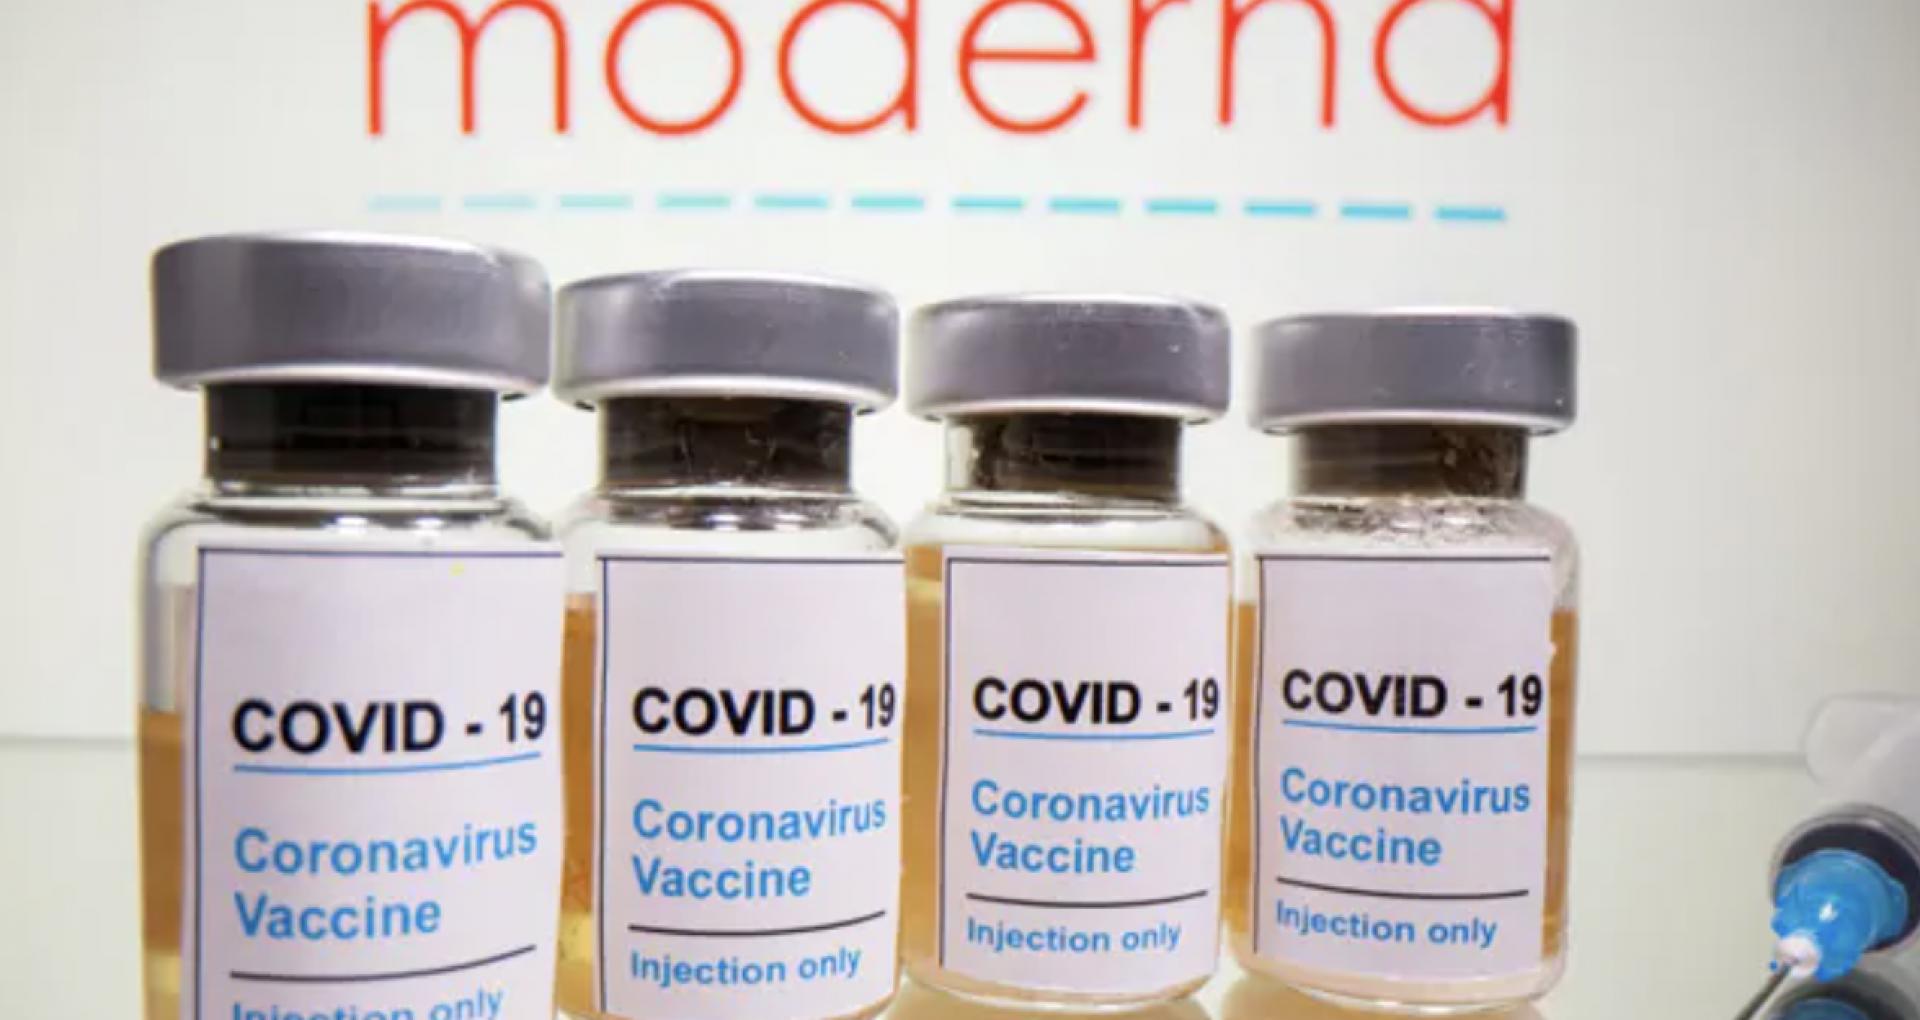 Moderna verifică dacă a treia doză de vaccin COVID-19 adaugă protecție suplimentară